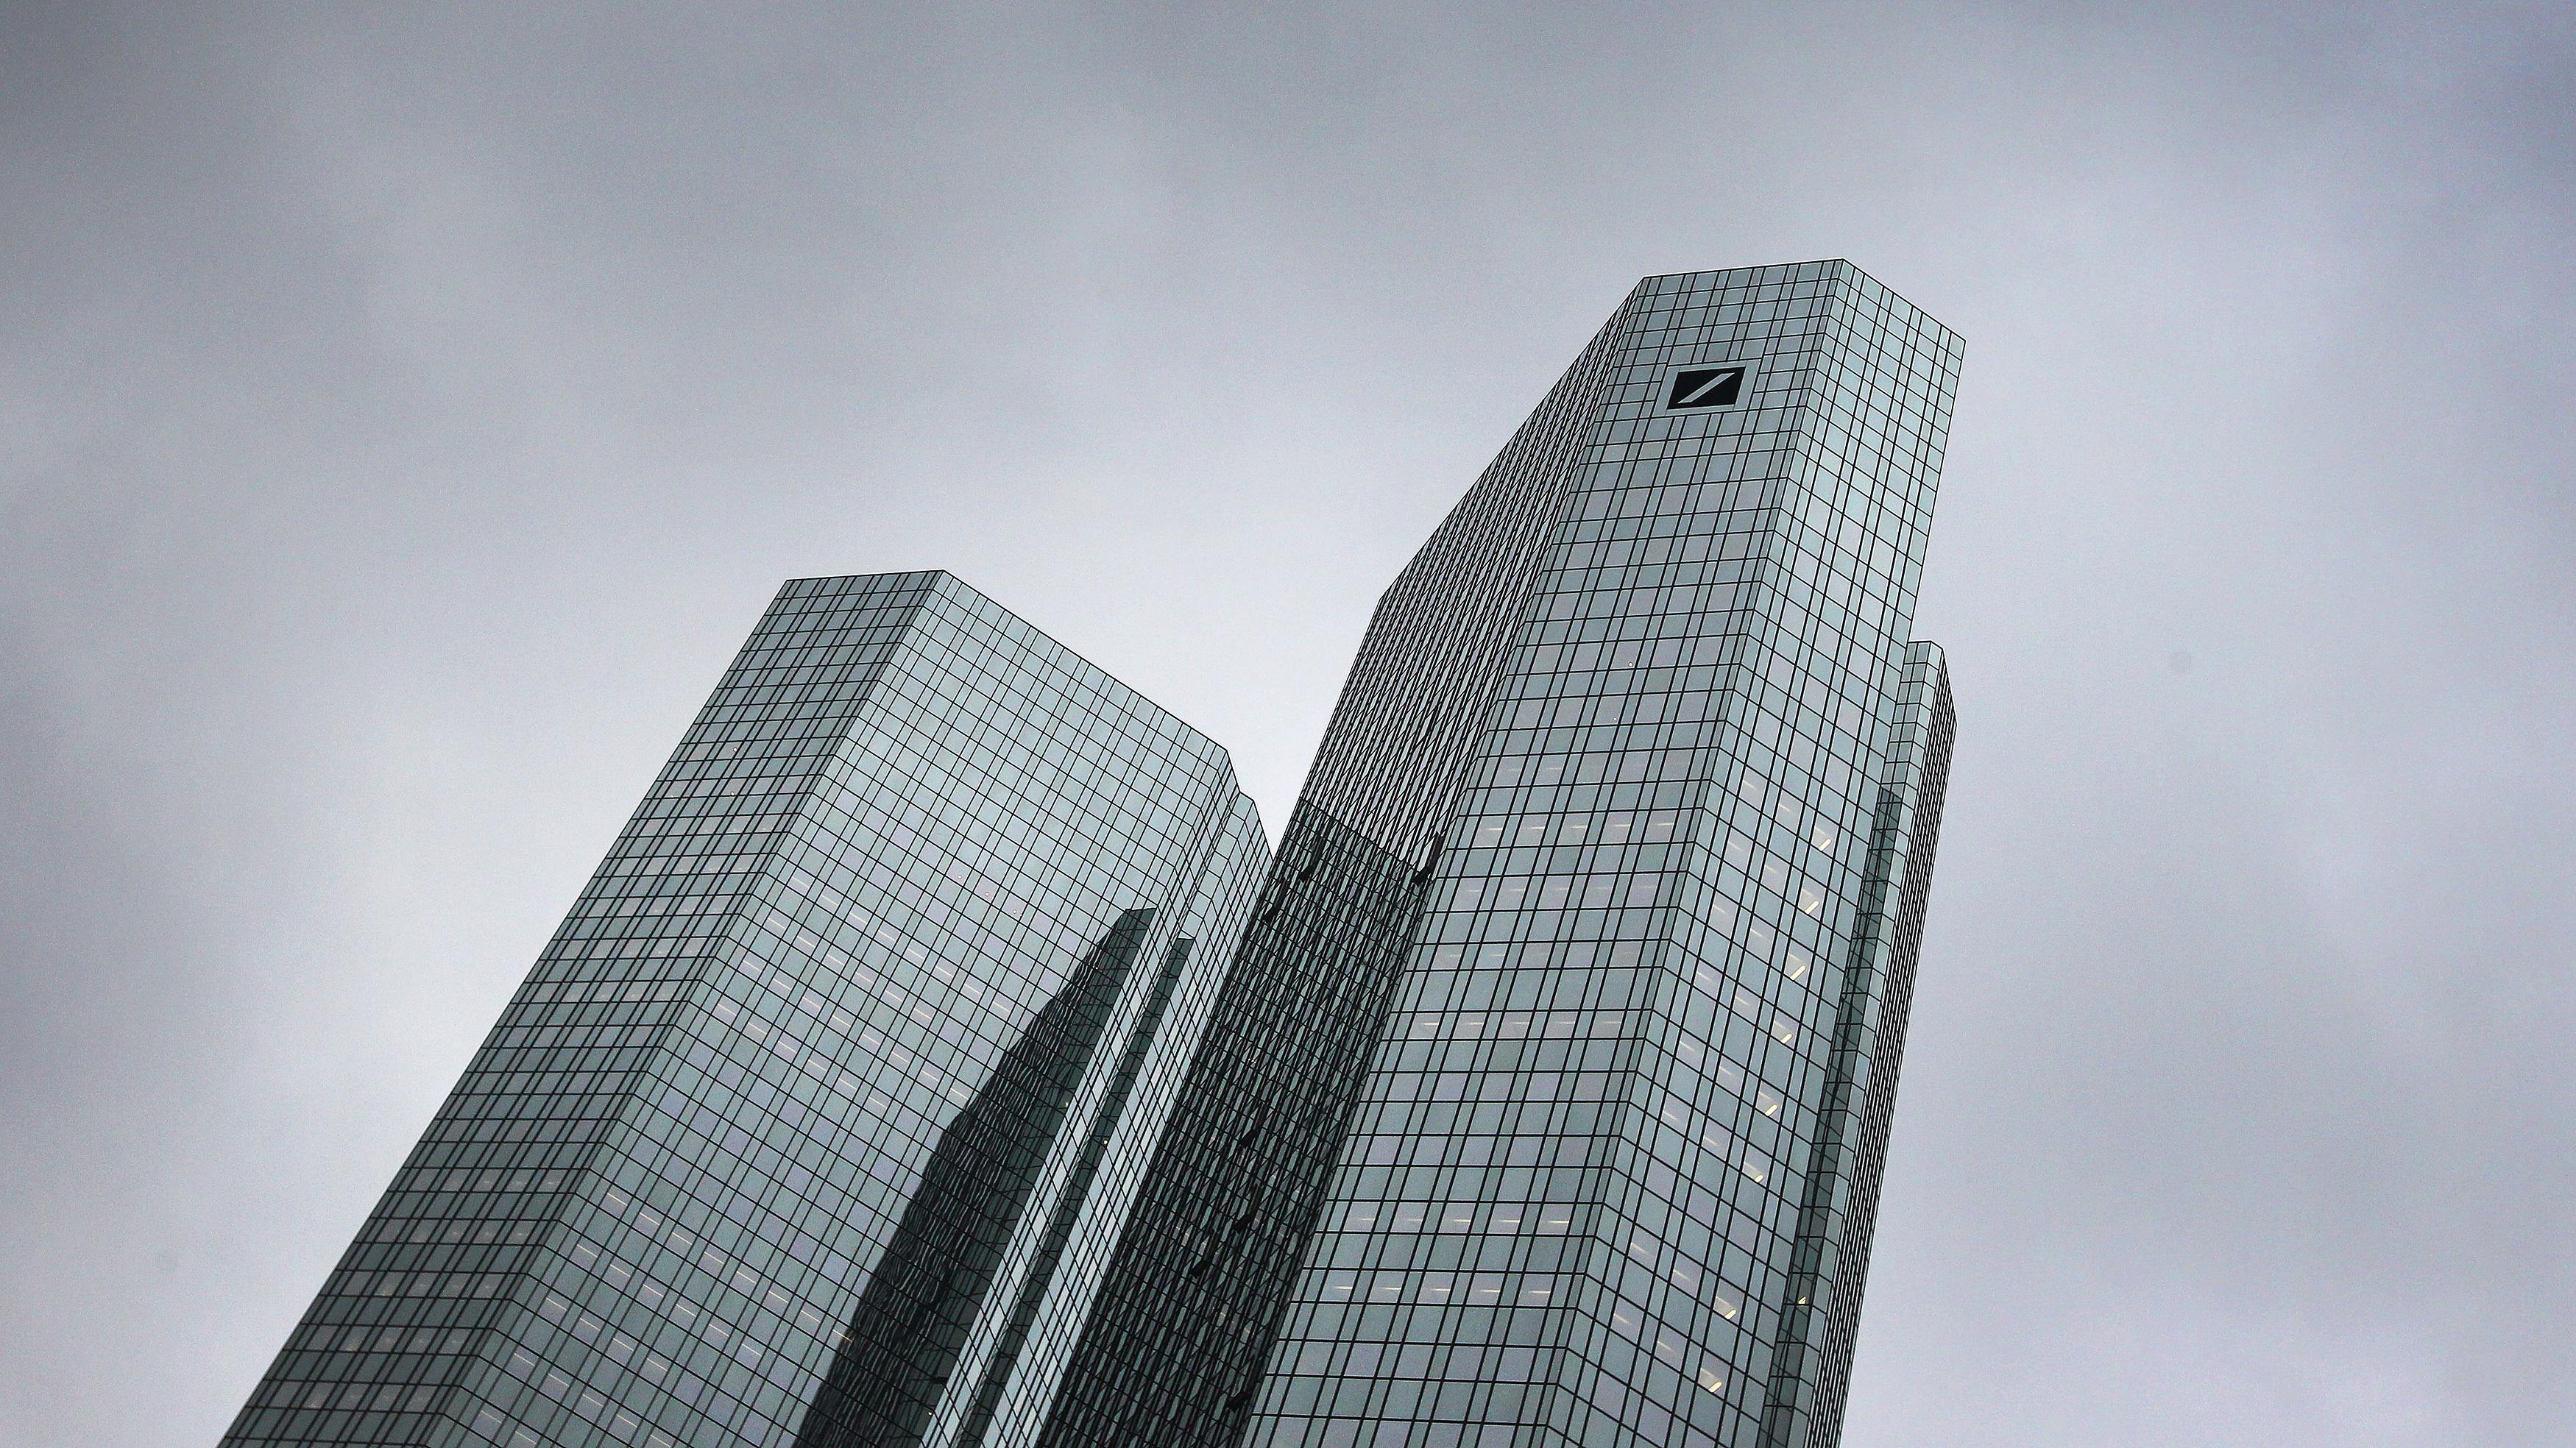 Finanzbranche: Firmenzentrale der Deutschen Bank in Frankfurt am Main